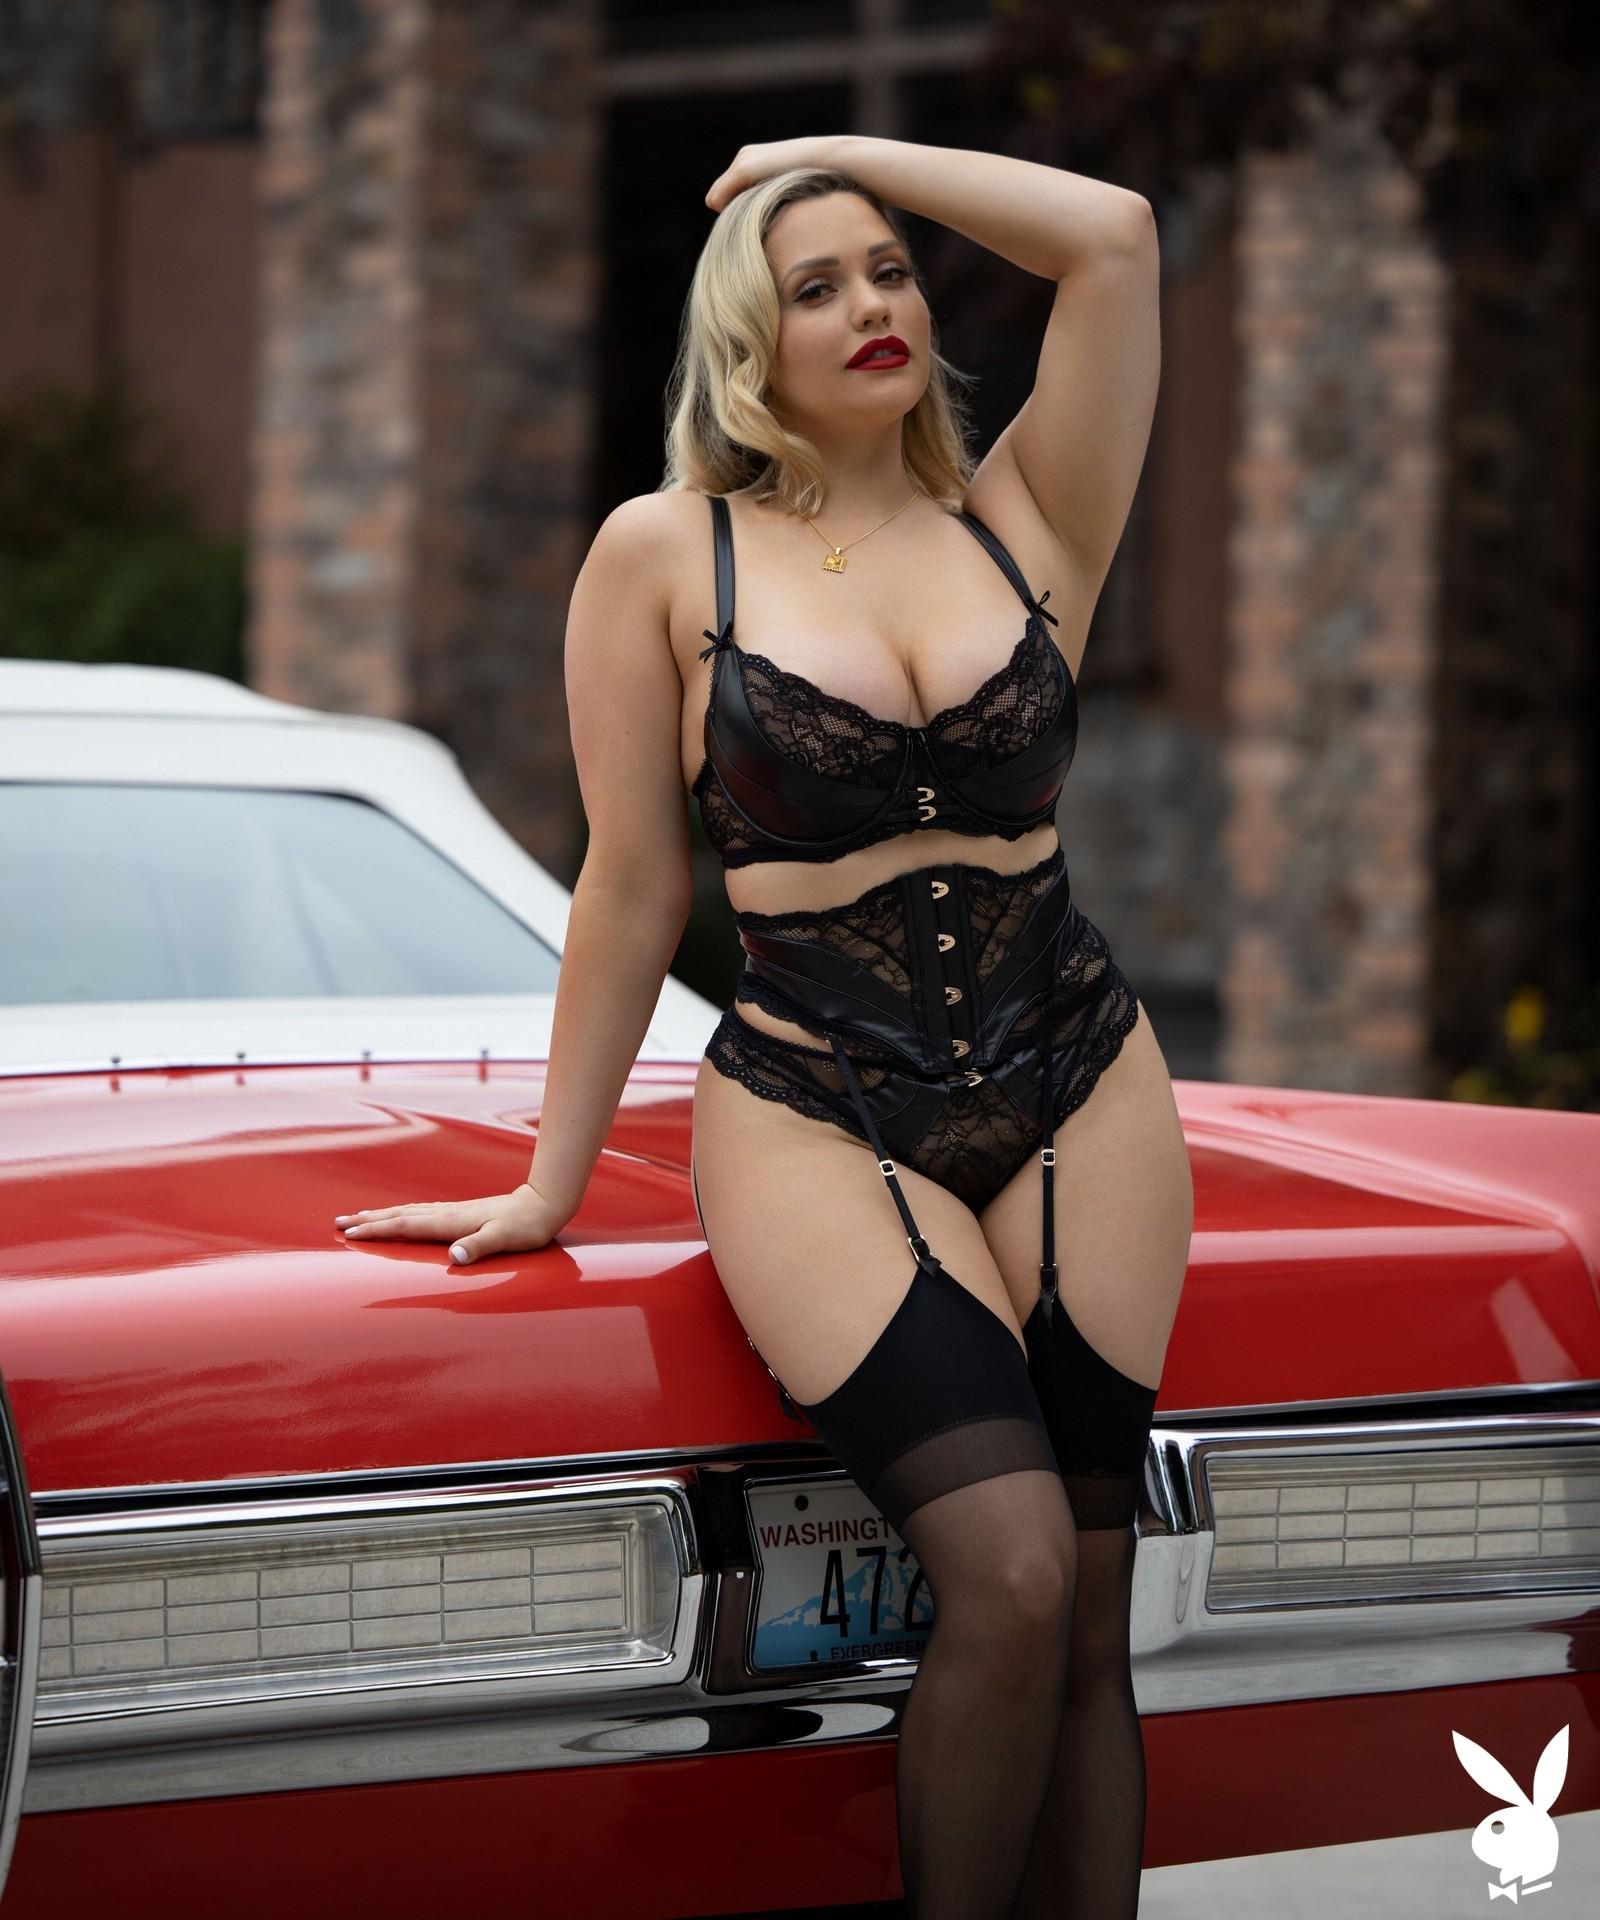 Mia Malkova In Drive Me Wild Playboy Plus (11)